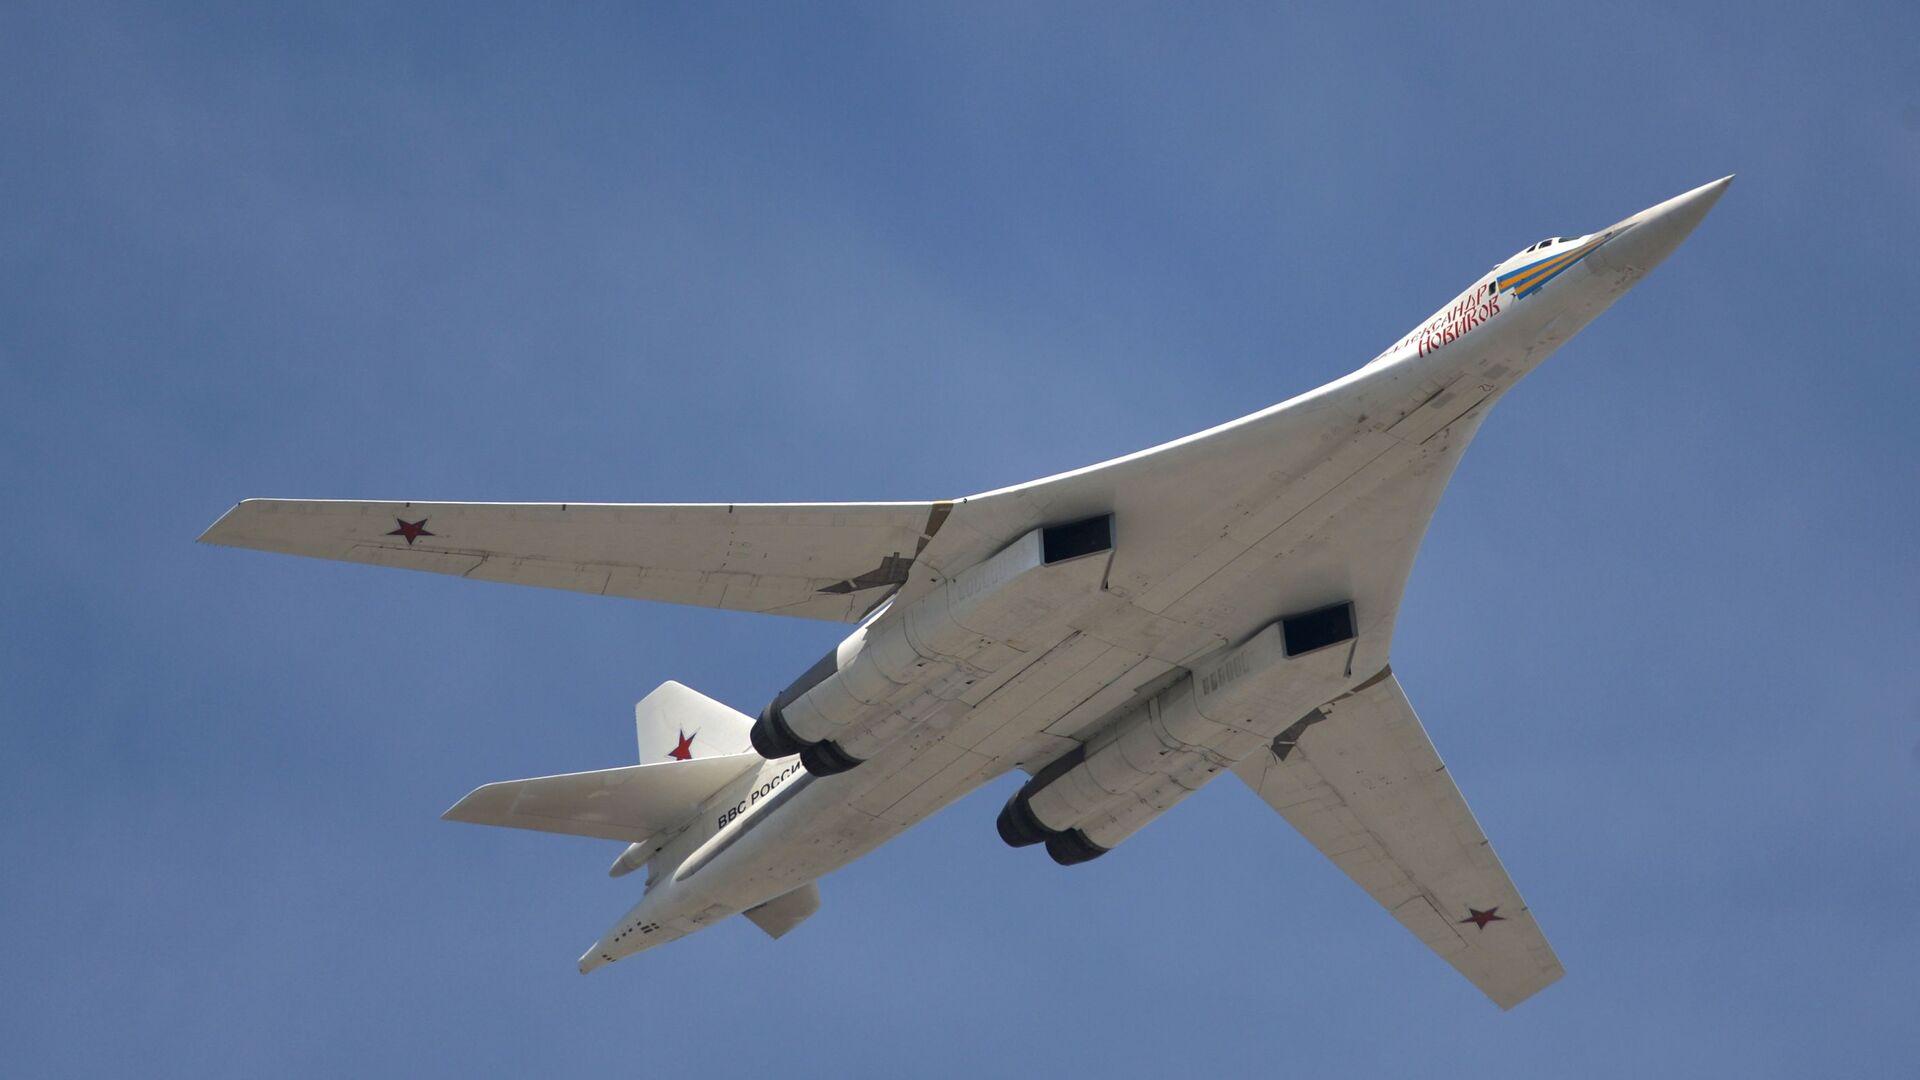 Rosyjski turboodrzutowy ponaddźwiękowy bombowiec strategiczny Tu-160 - Sputnik Polska, 1920, 15.06.2021